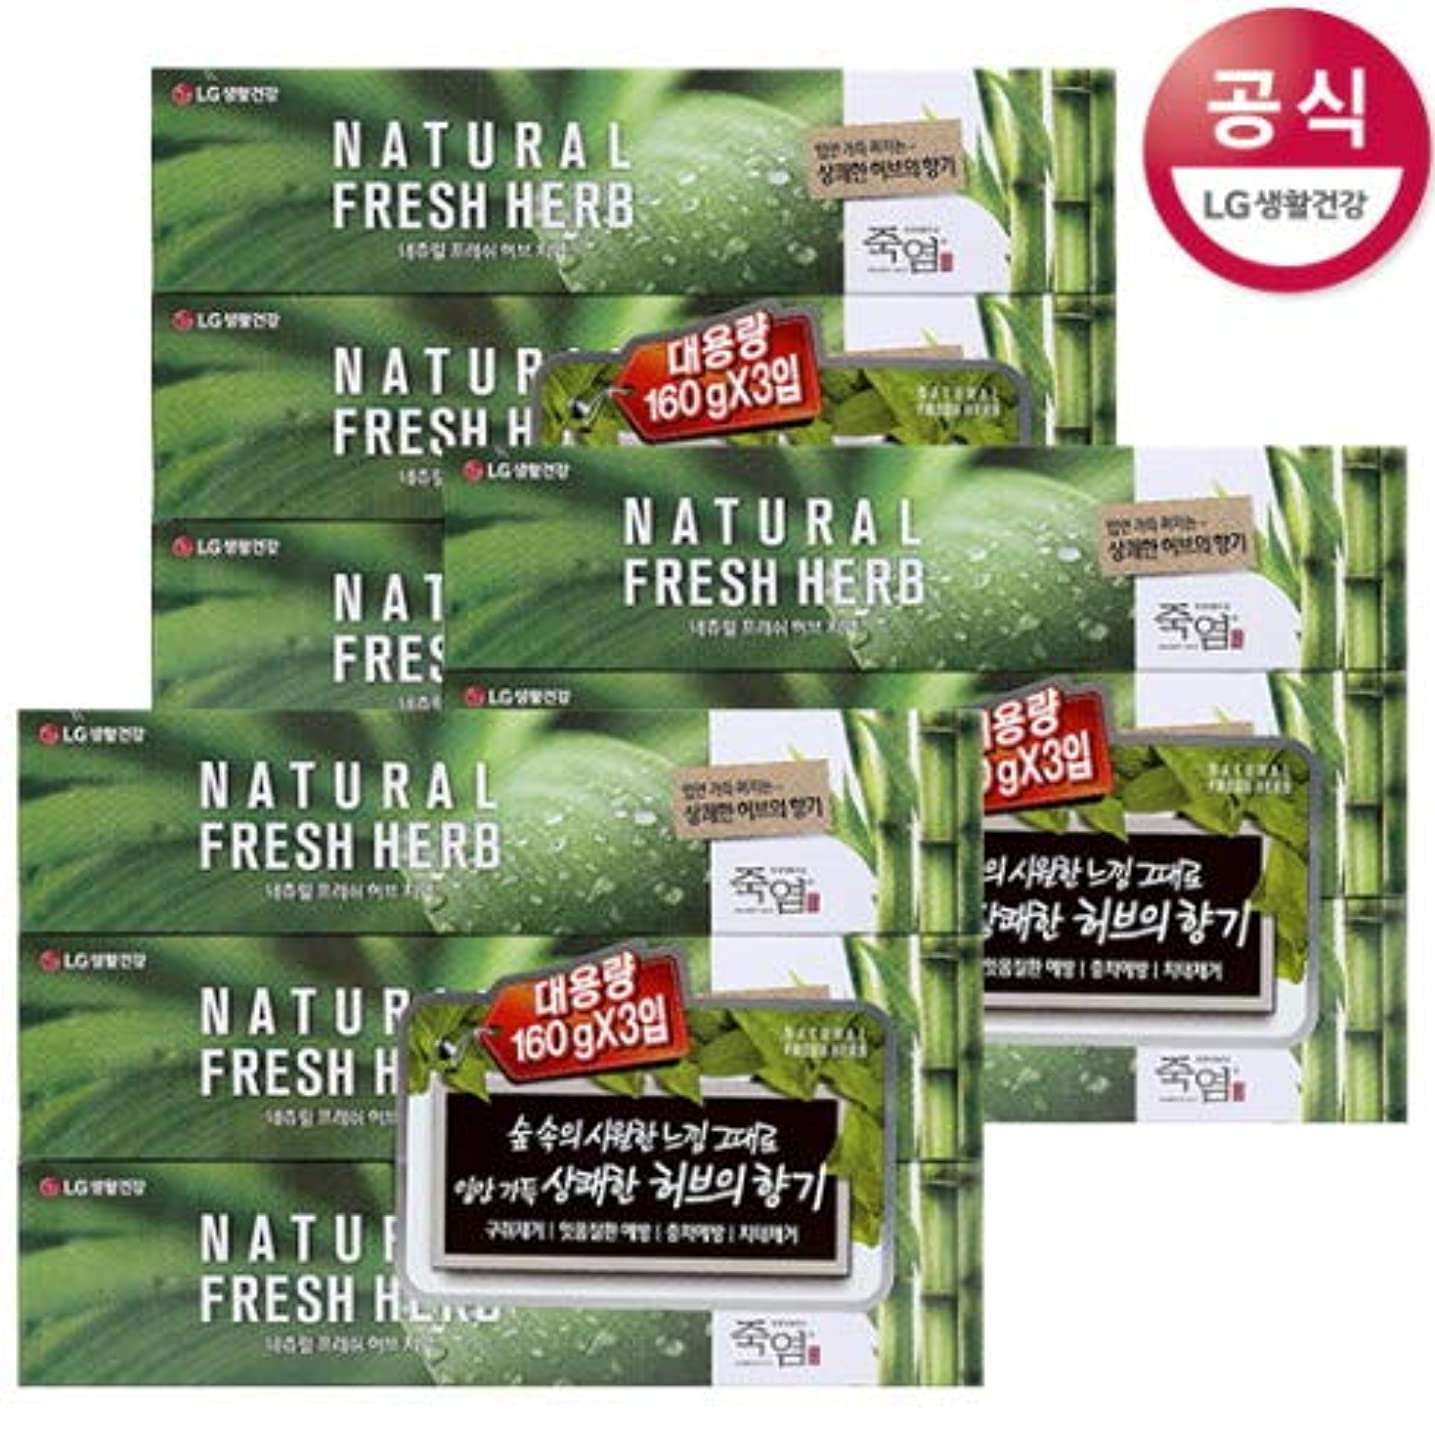 包括的名誉掃く[LG HnB] Bamboo Salt Natural Fresh Herbal Toothpaste/竹塩ナチュラルフレッシュハーブ歯磨き粉 160gx9個(海外直送品)